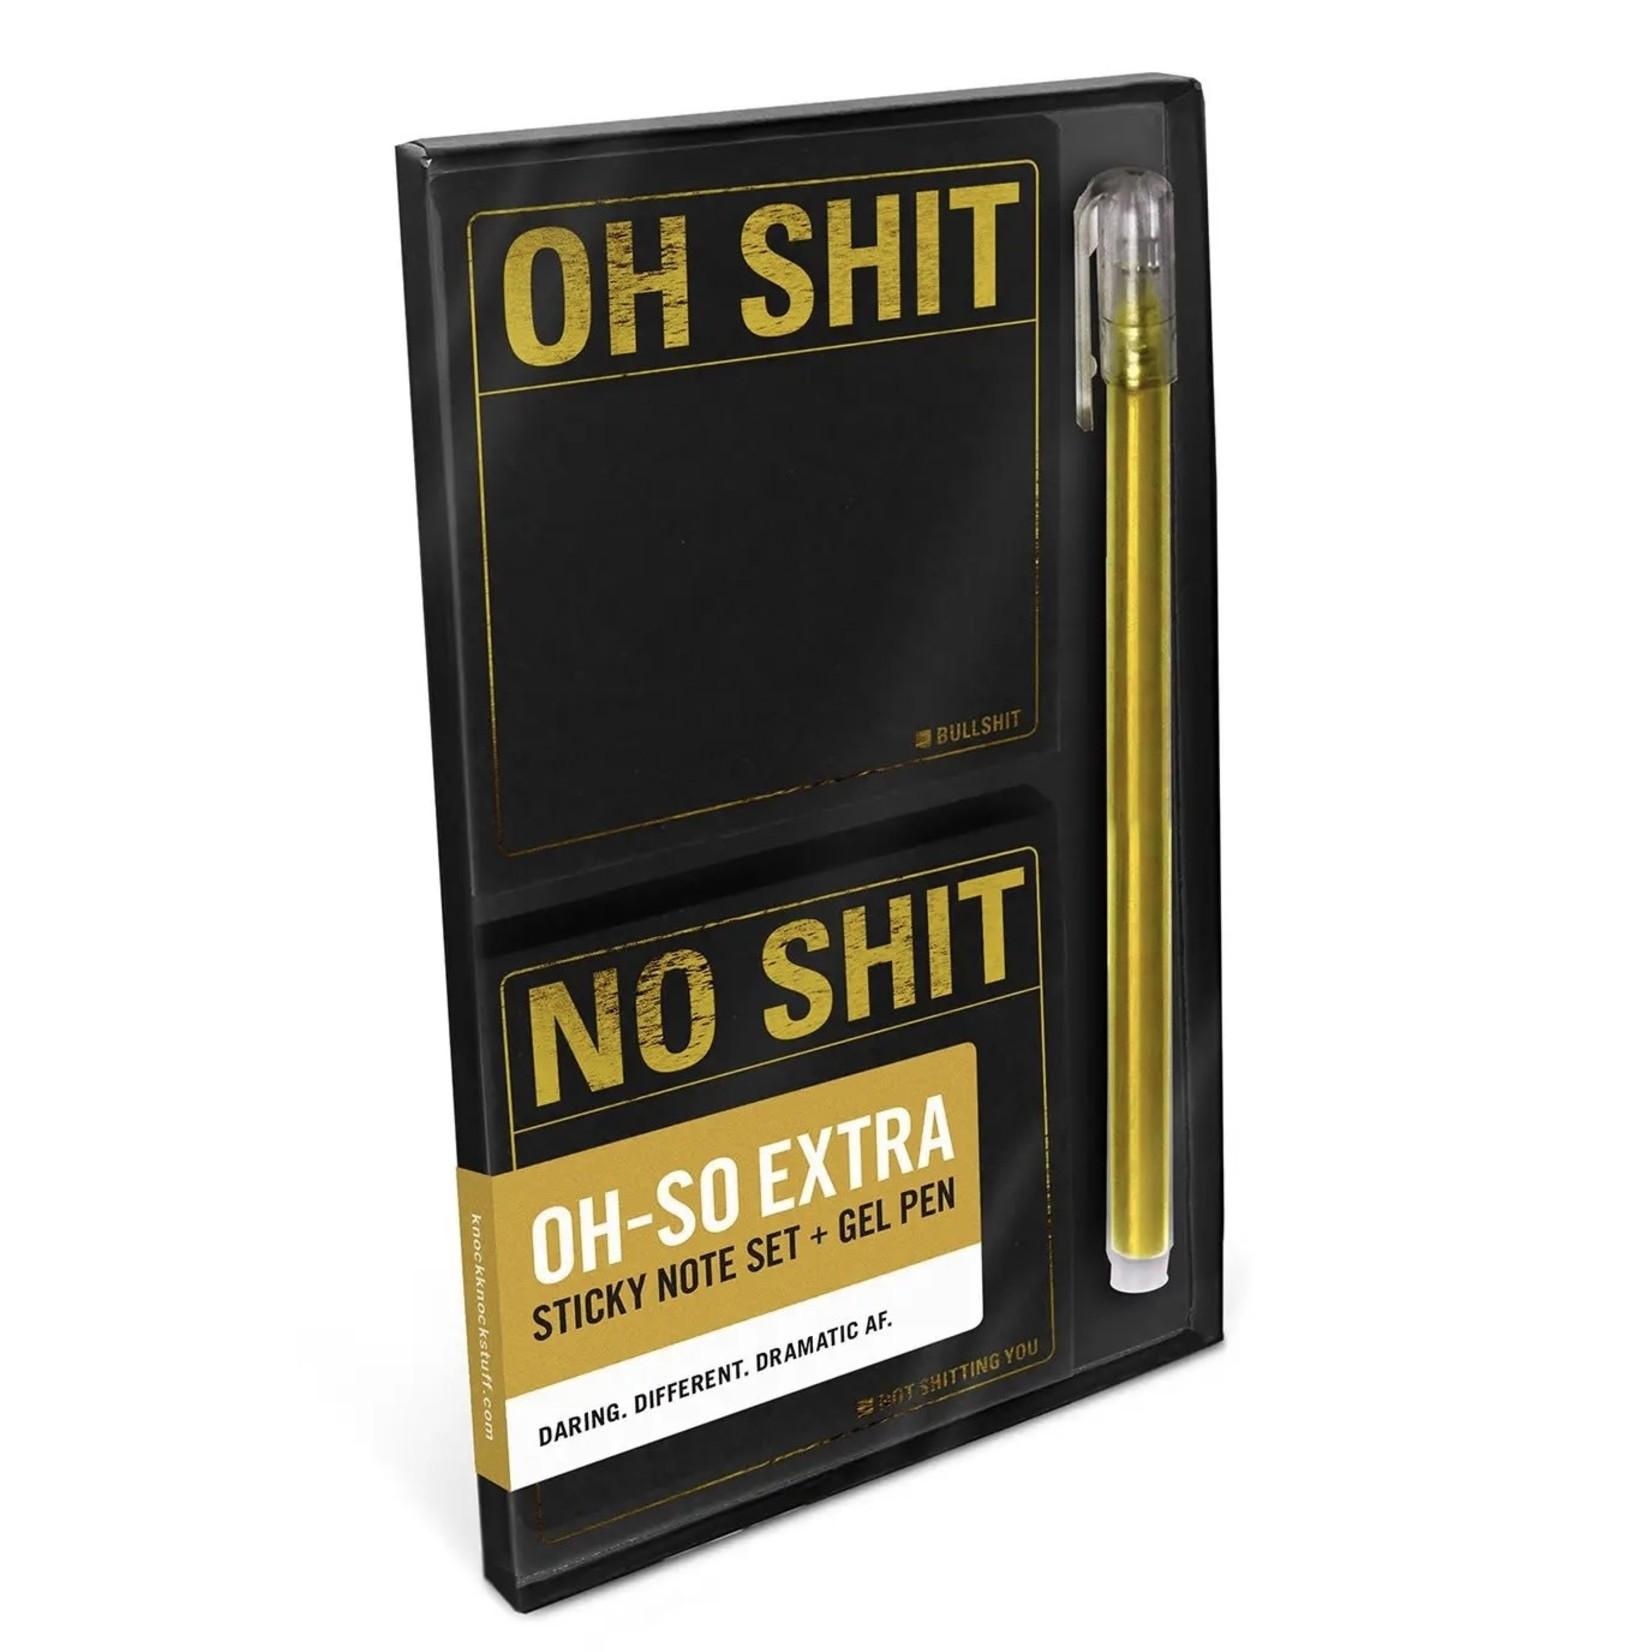 KNOCK KNOCK Snarky: Oh-So Extra Sticky Note Set